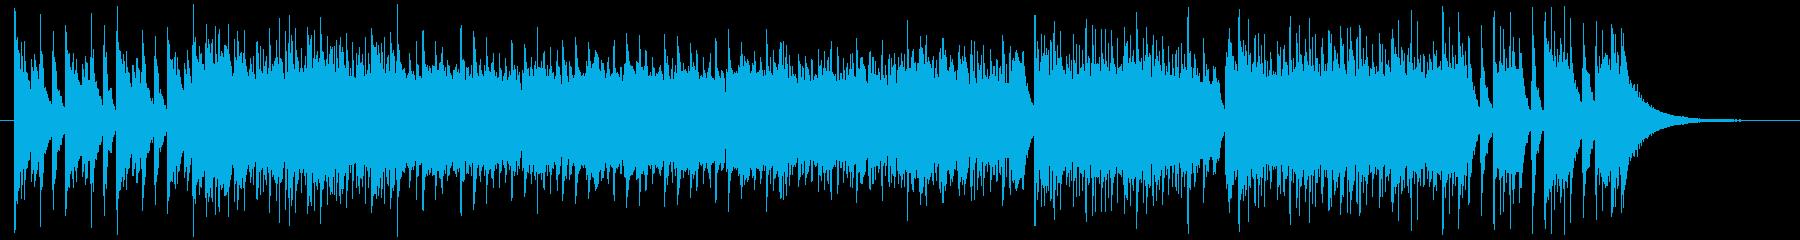 爽やかサーフミュージックの再生済みの波形